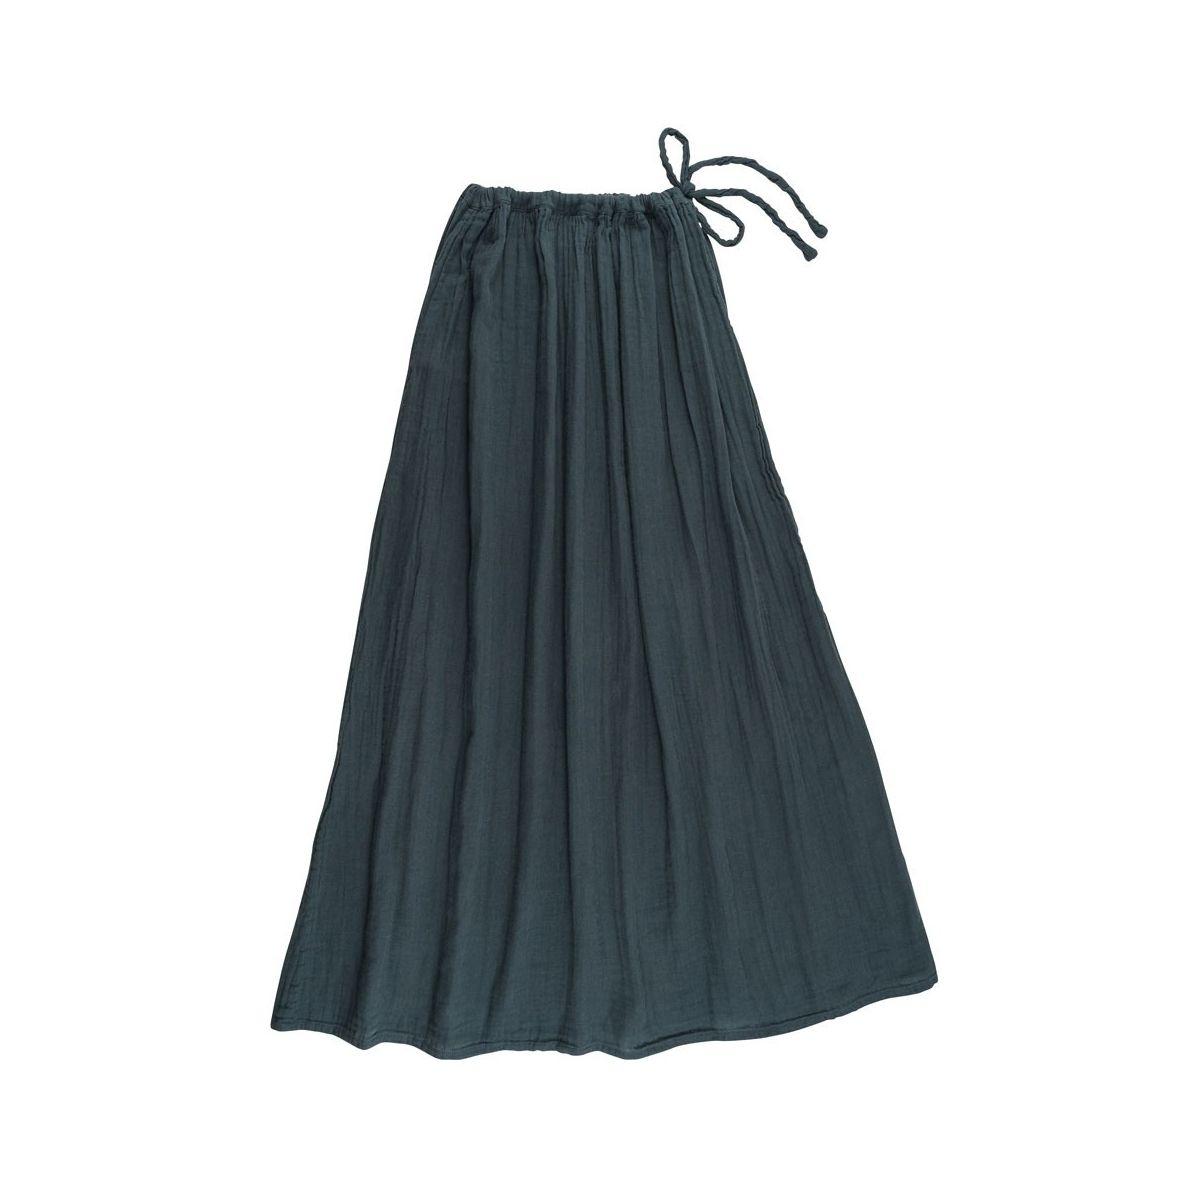 Numero 74 Spódnica dla mamy Ava długa szaroniebieska